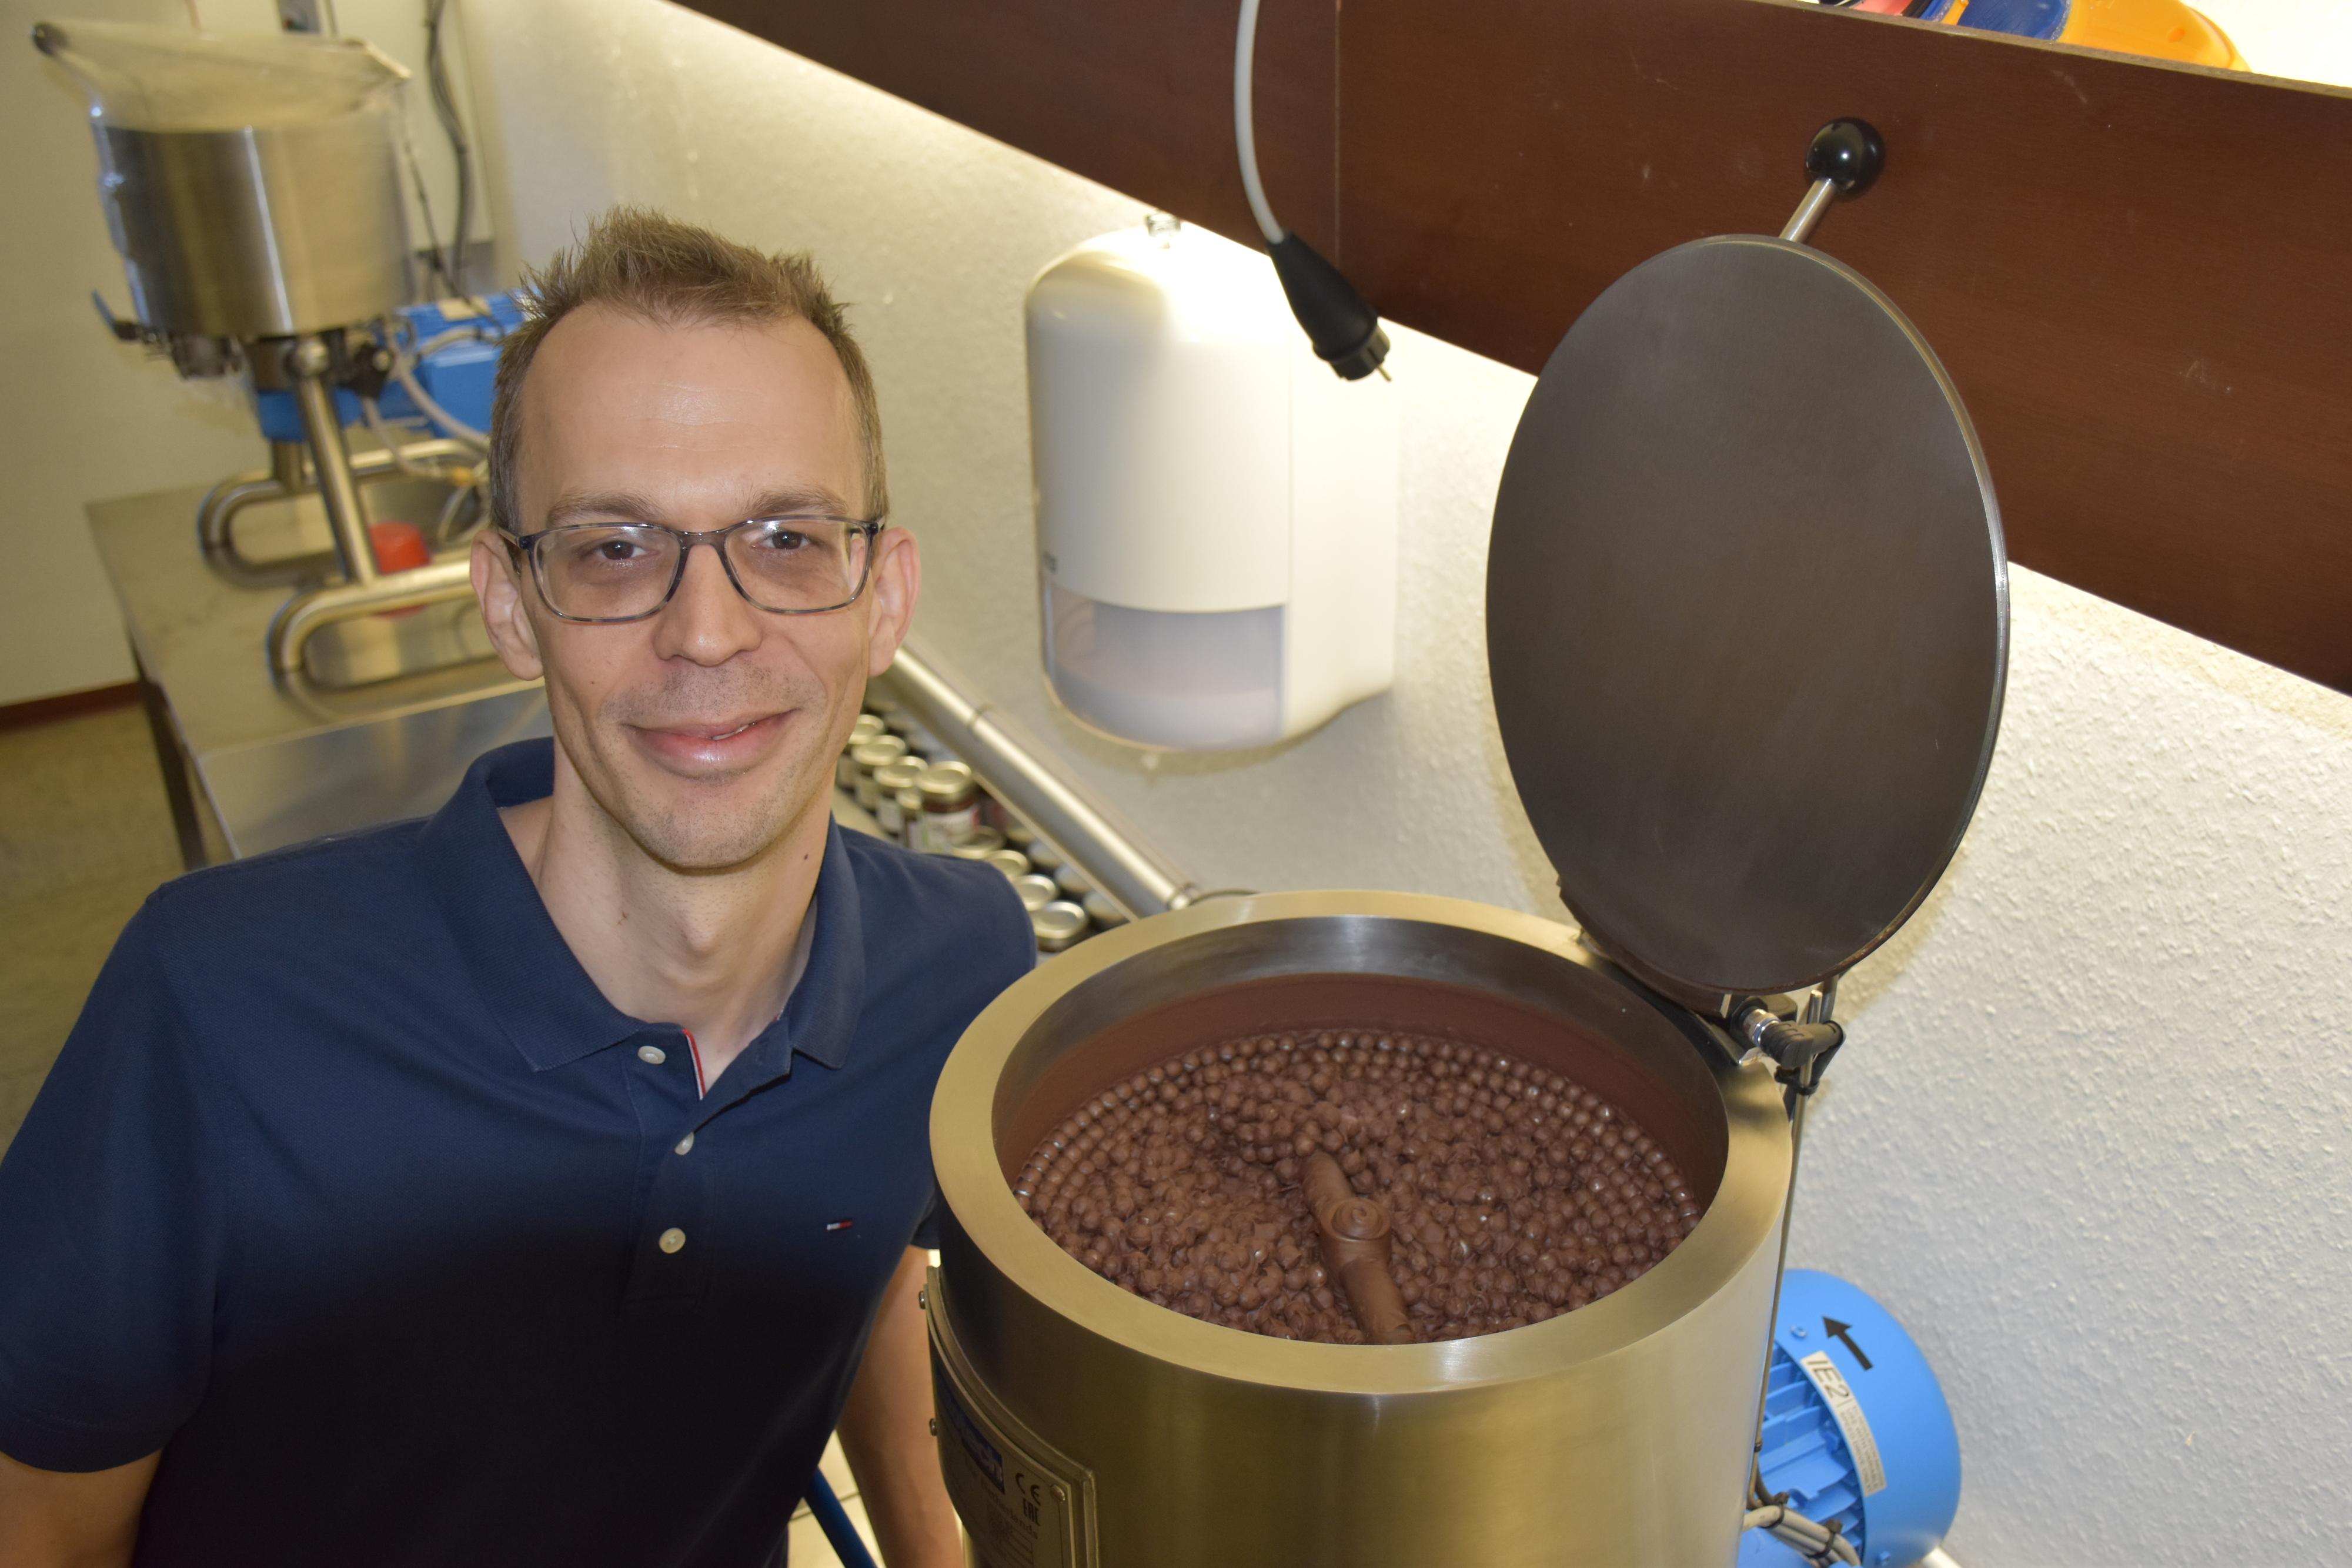 Jens Eschke und eine seiner beiden Mahlmaschinen - Stückpreis: rund 25.000 Euro. Foto: Ferber<br>